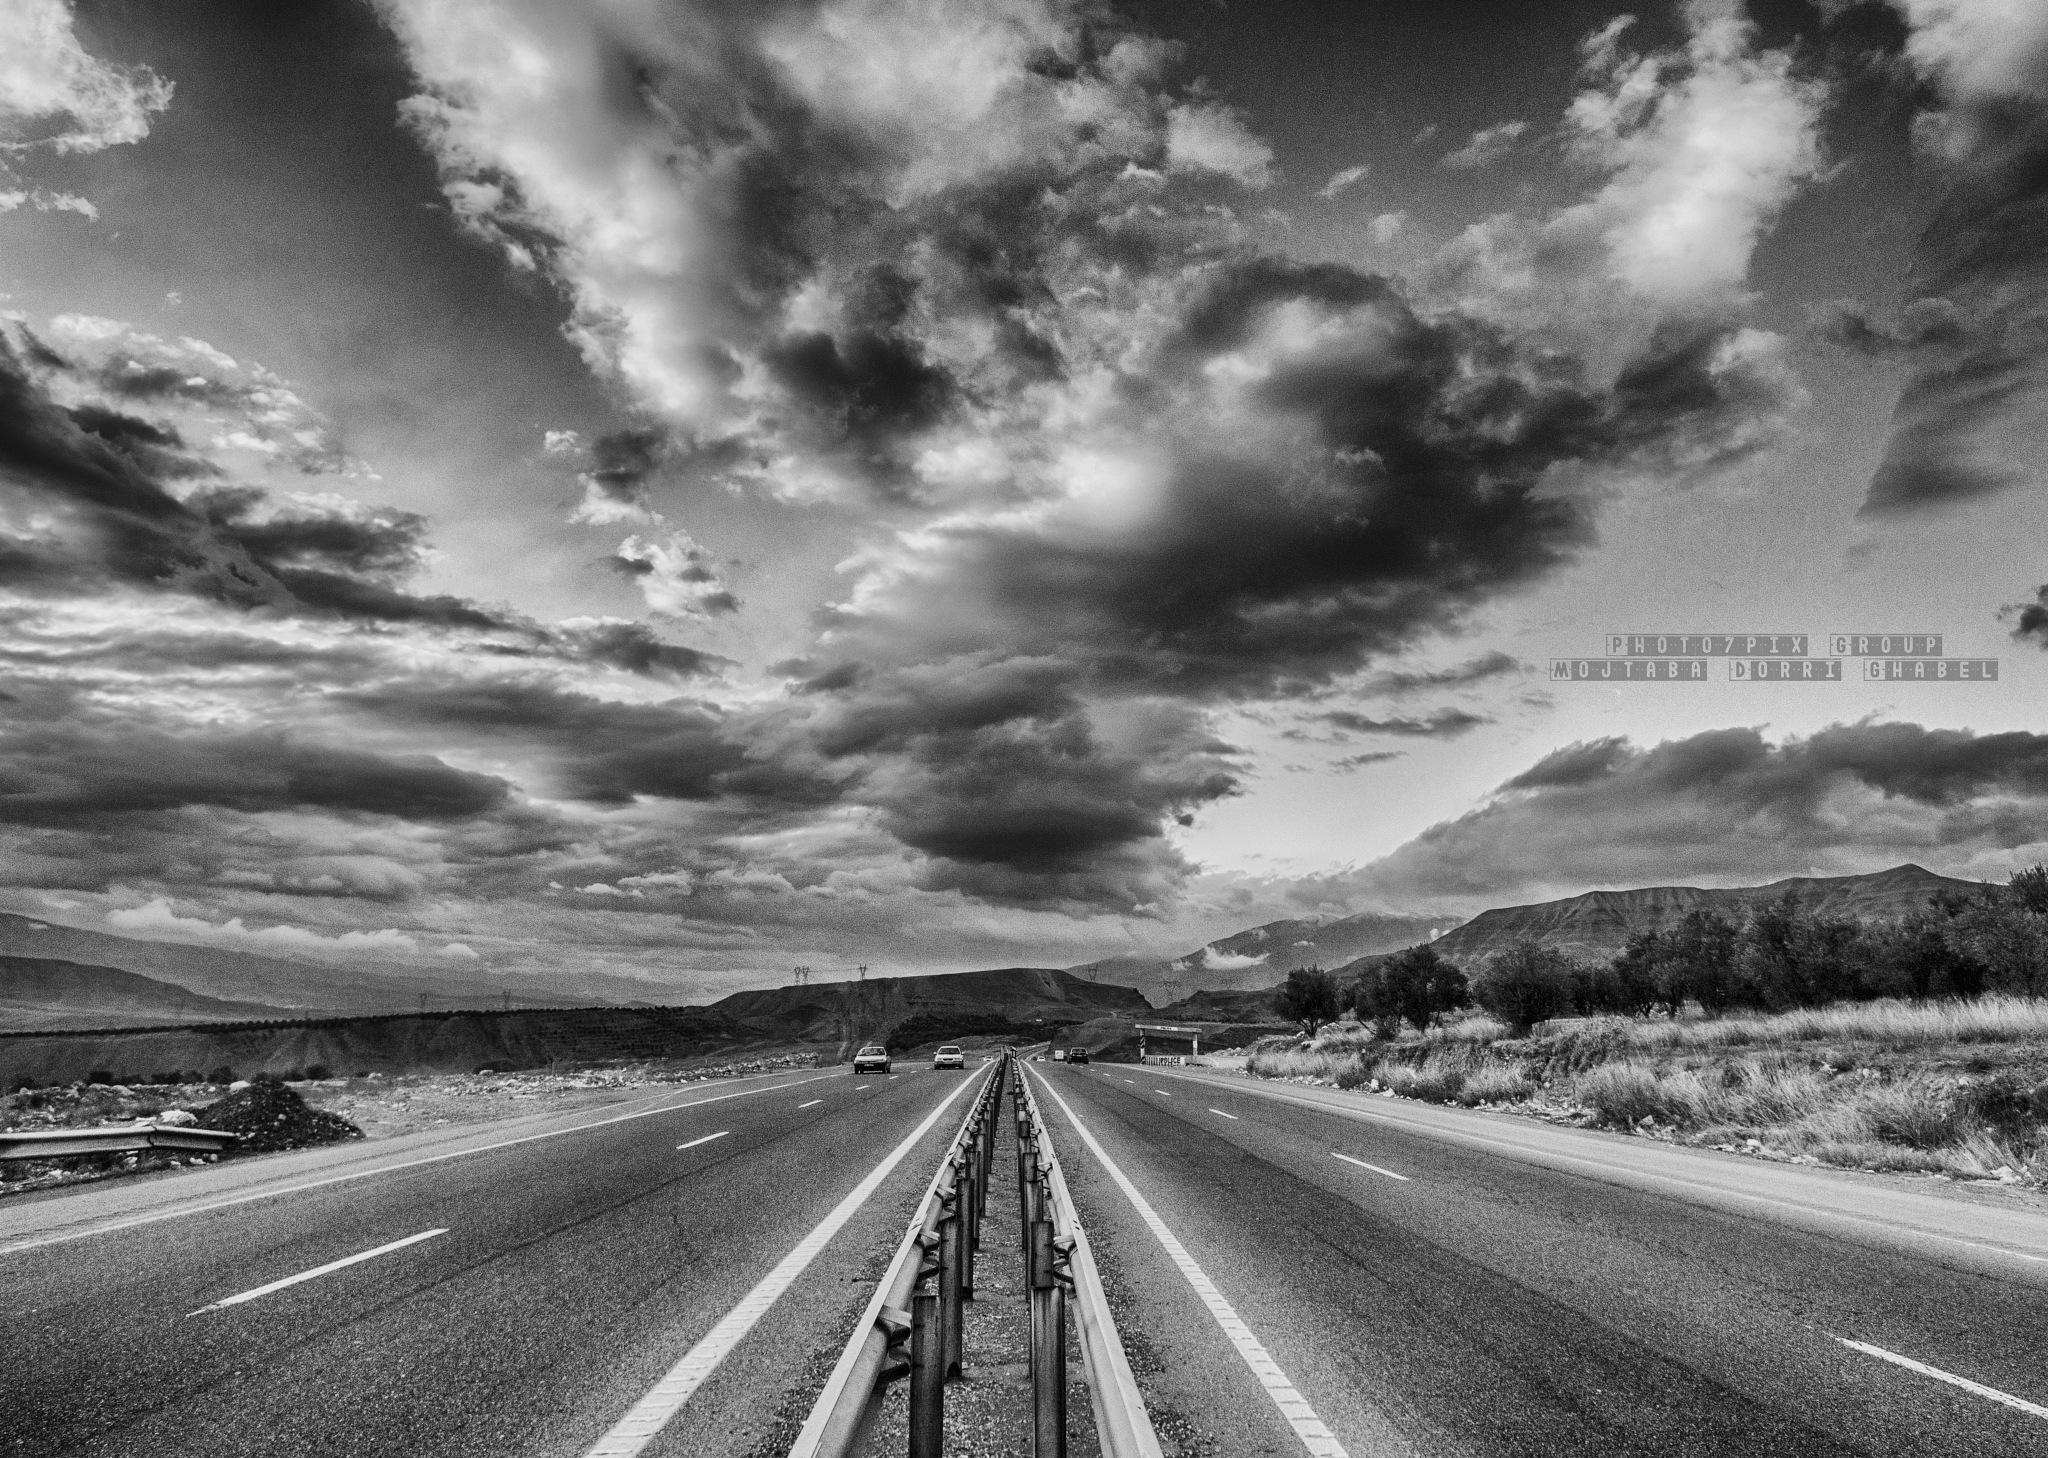 highway  by mojtabadorri